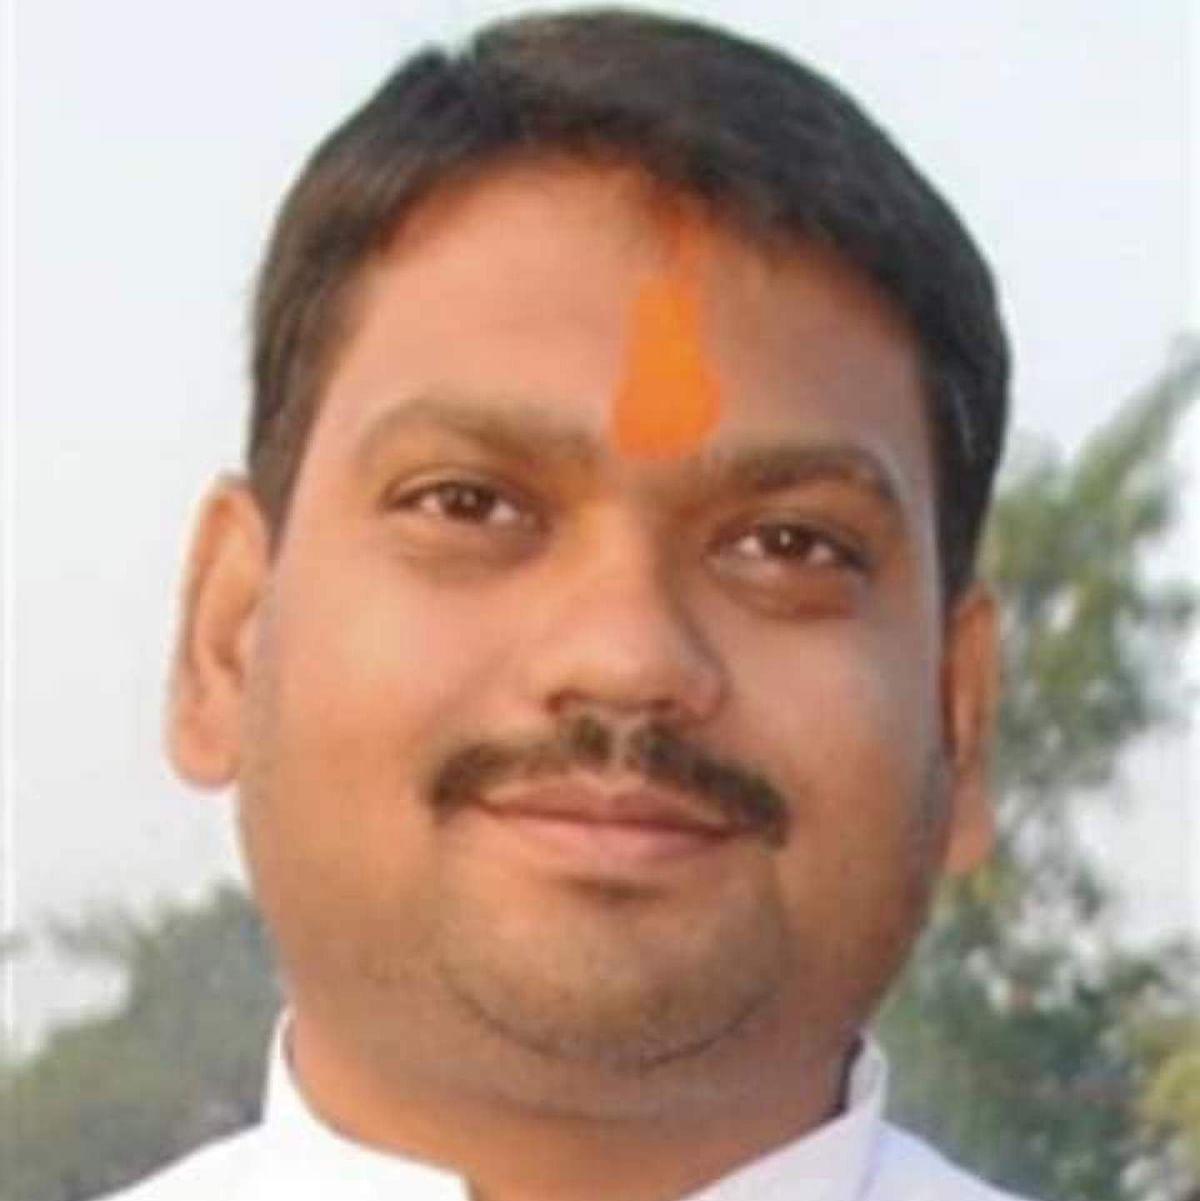 Jharkhand Crime News : नीरज सिंह हत्याकांड के आरोपी झरिया के पूर्व बीजेपी विधायक संजीव सिंह को धनबाद जेल शिफ्ट करने का आदेश